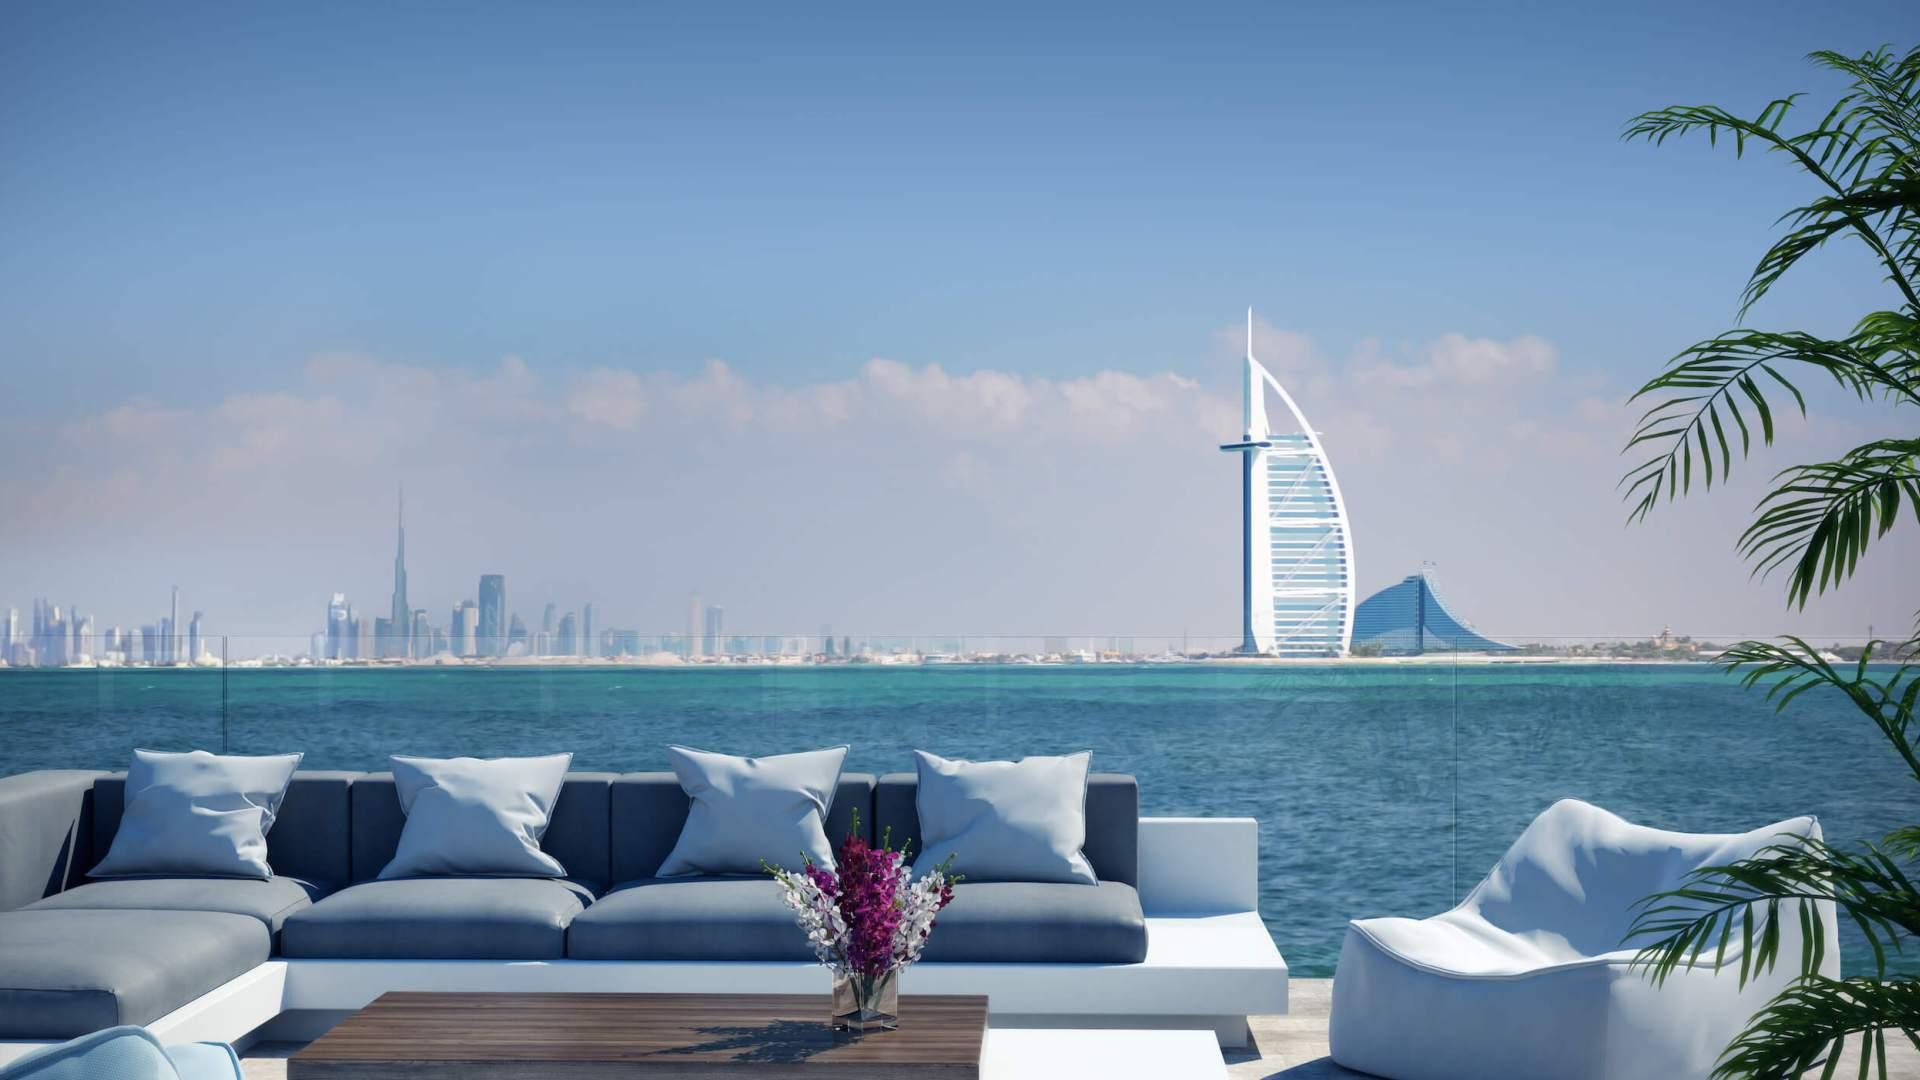 Ático en venta en Dubai, EAU, 4 dormitorios, 310 m2, № 24383 – foto 4